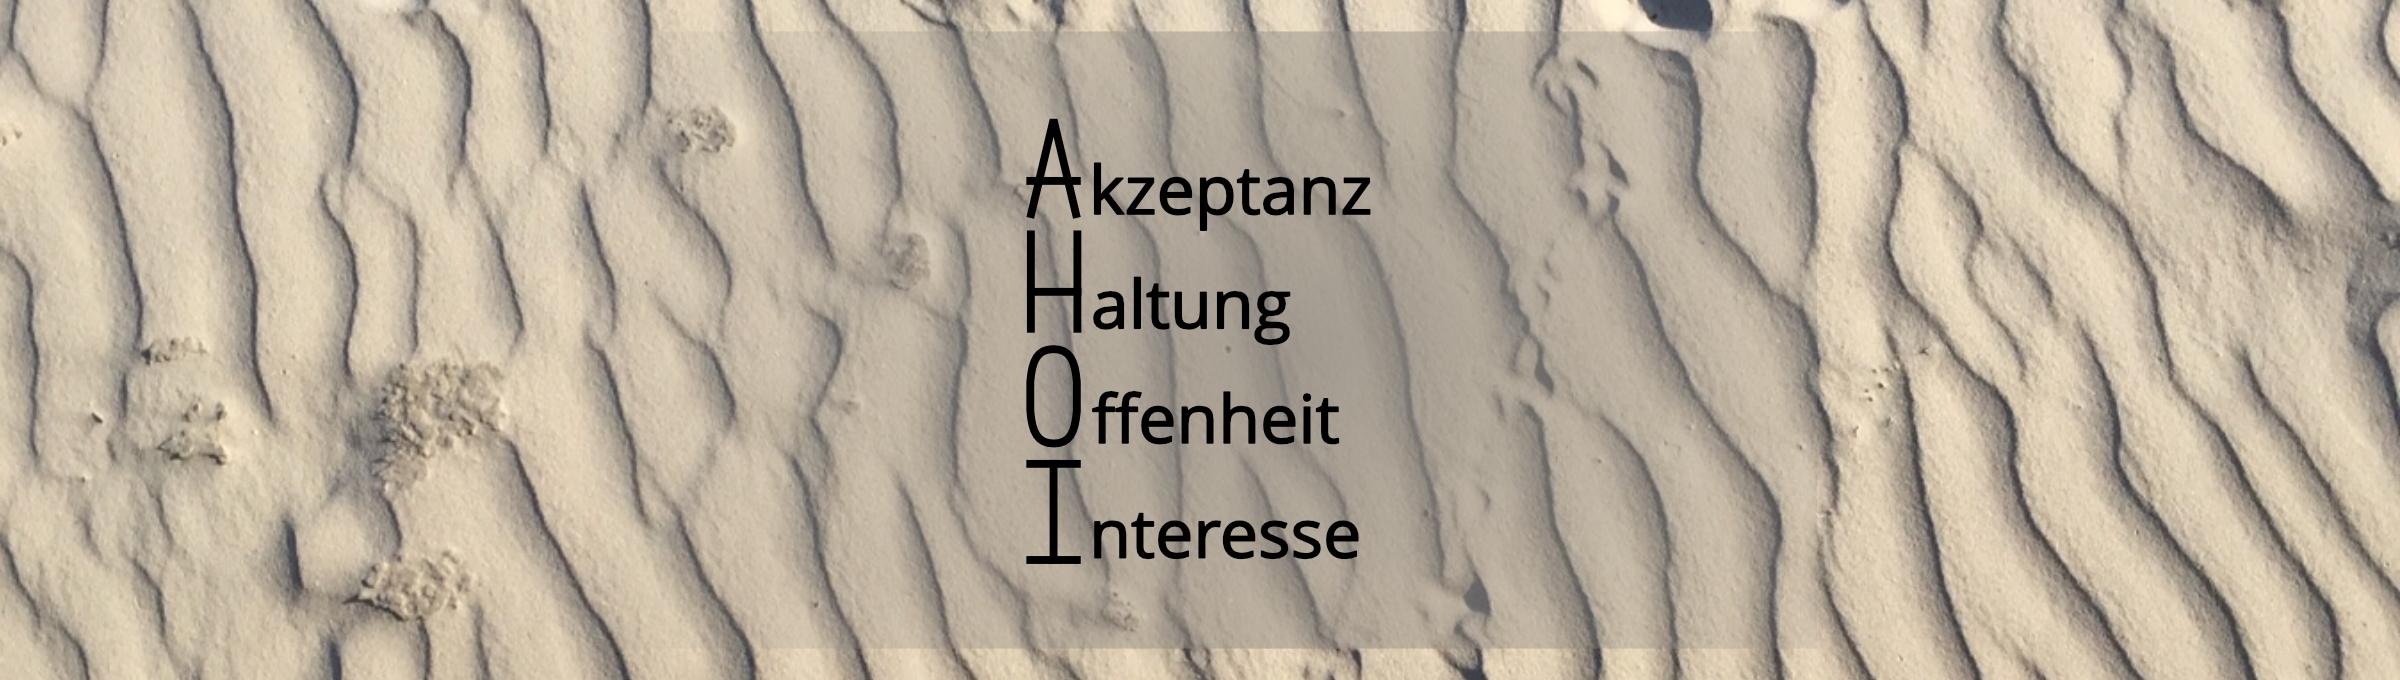 AHOI - Akzeptanz, Haltung, Offenheit, Interesse